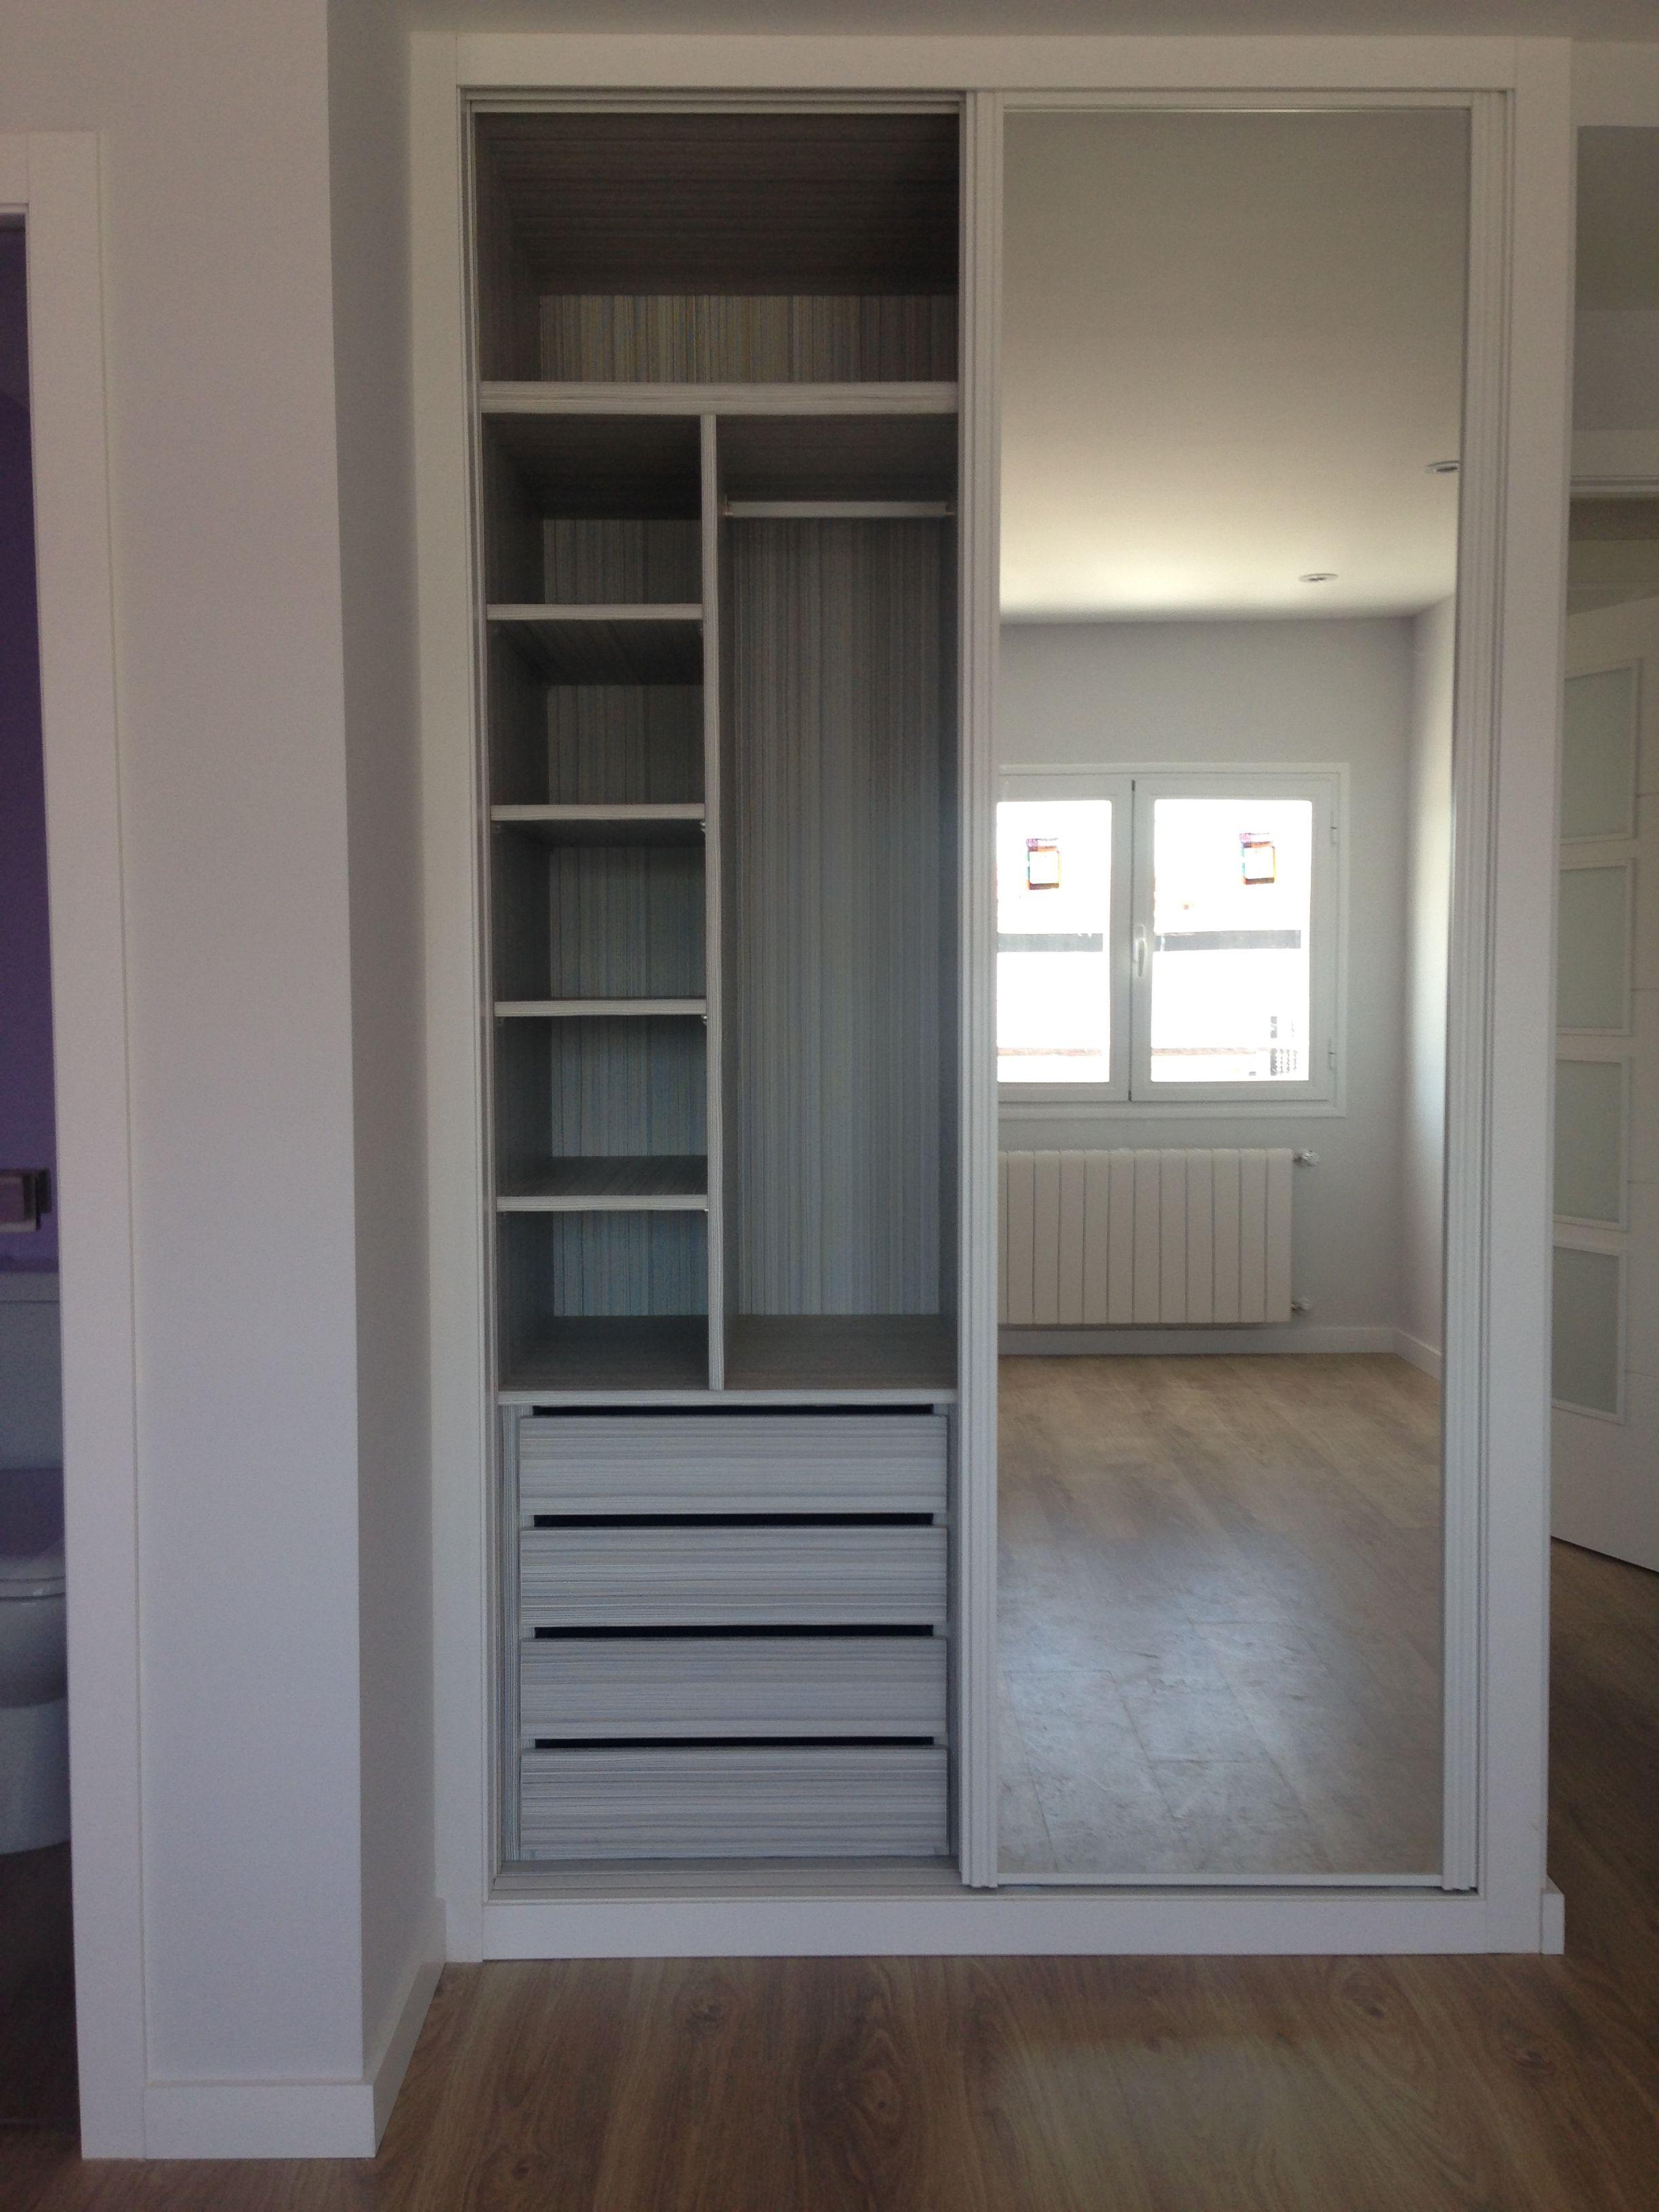 Reformaplus armario lacado con espejo e interior dise o reforma en madrid armarios - Armarios diseno italiano ...